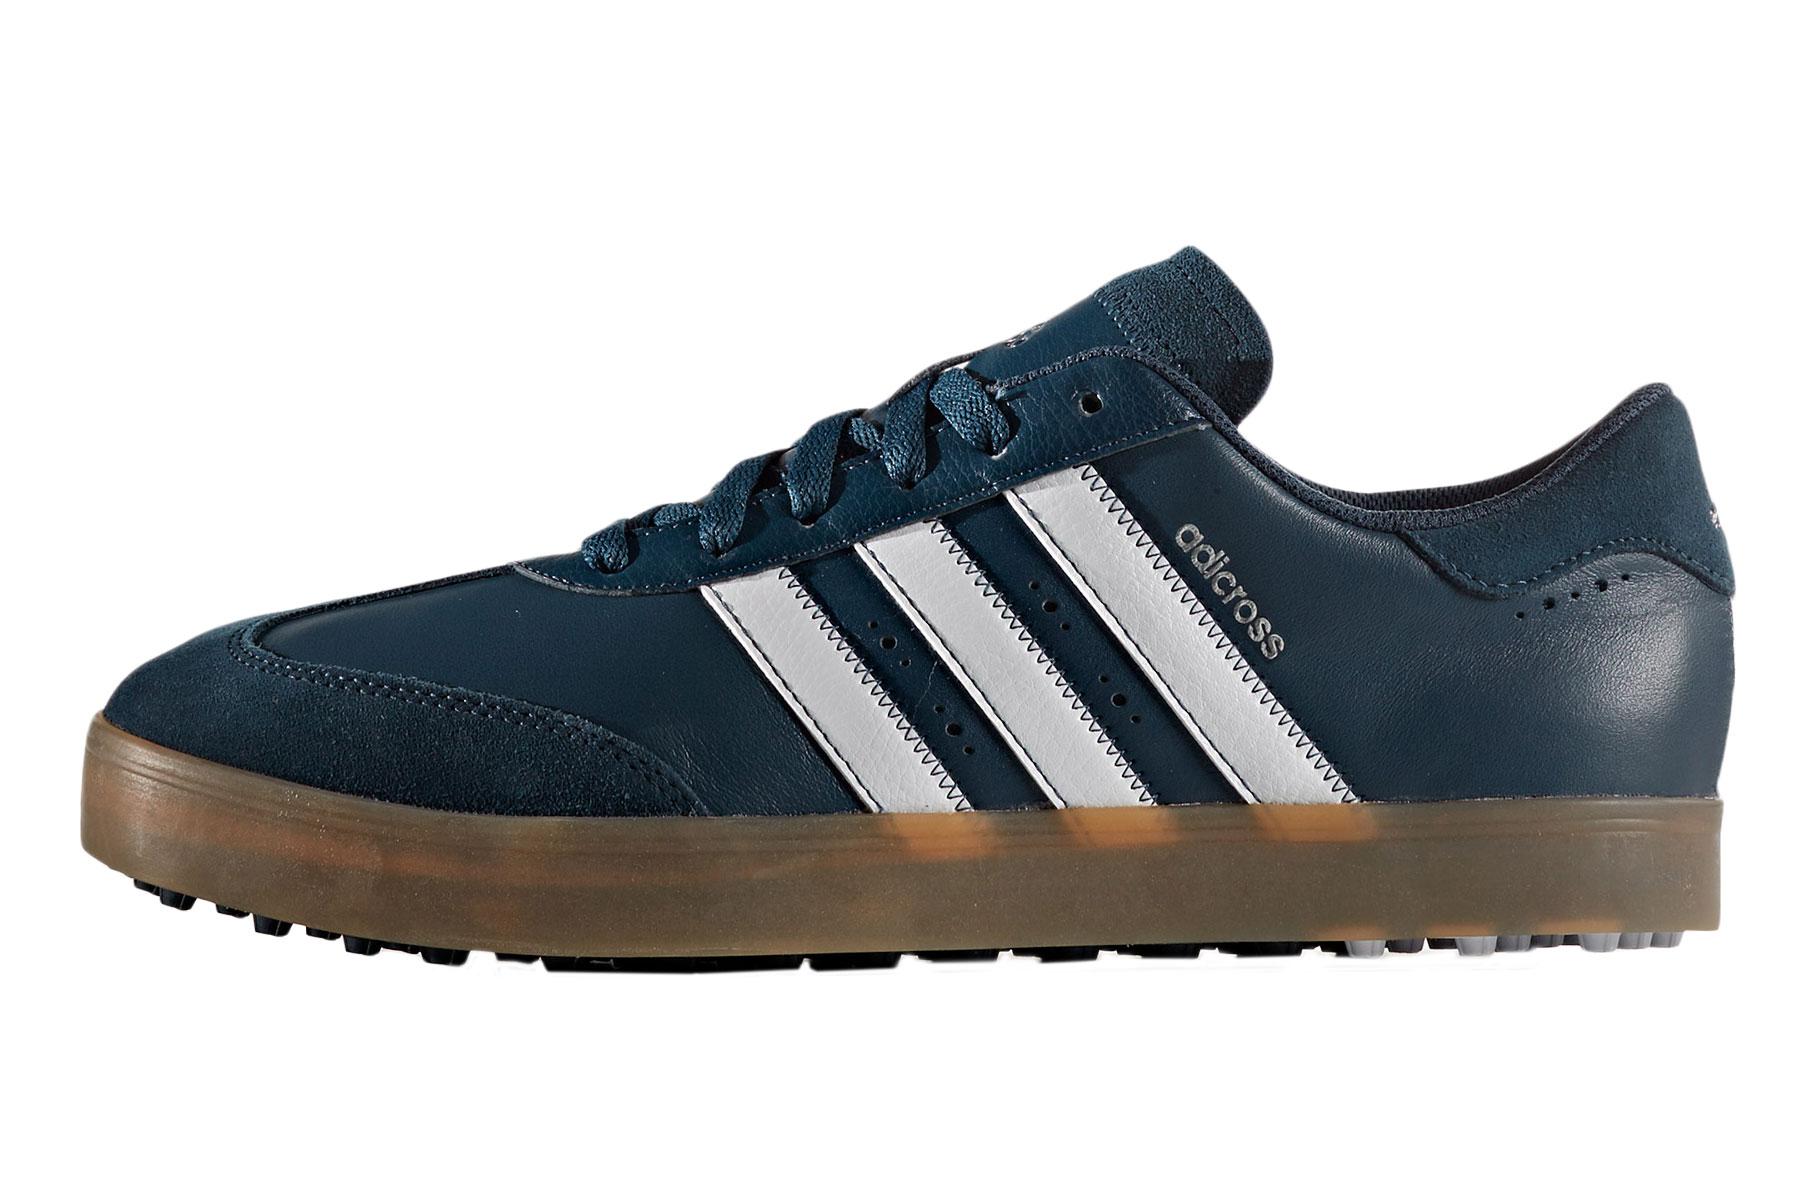 adidas adicross v golf shoes review